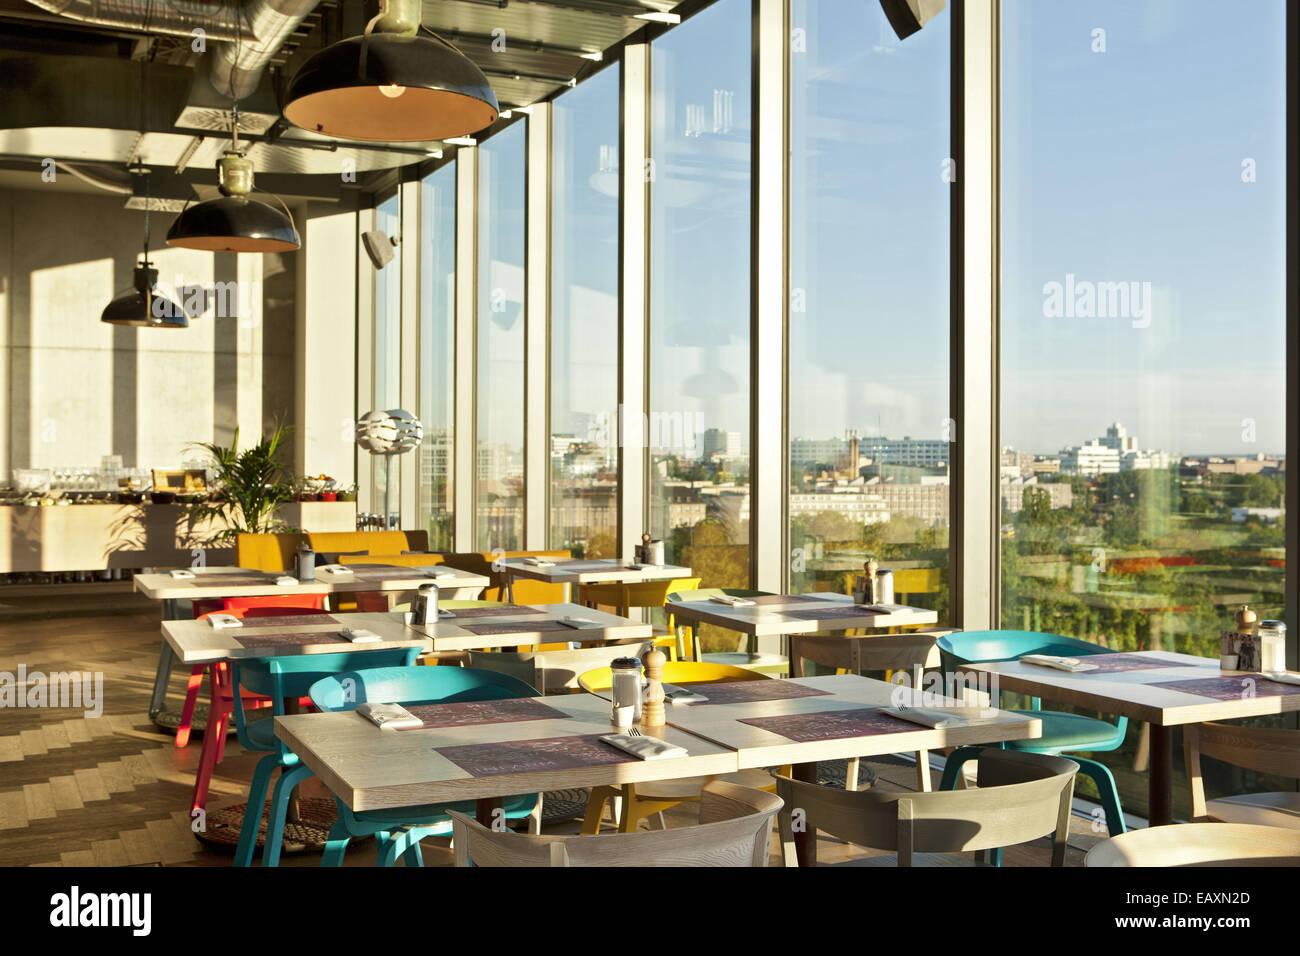 Das 25hours Hotel Ist Berlins Angesagteste Neue Hangout Mit Seinen